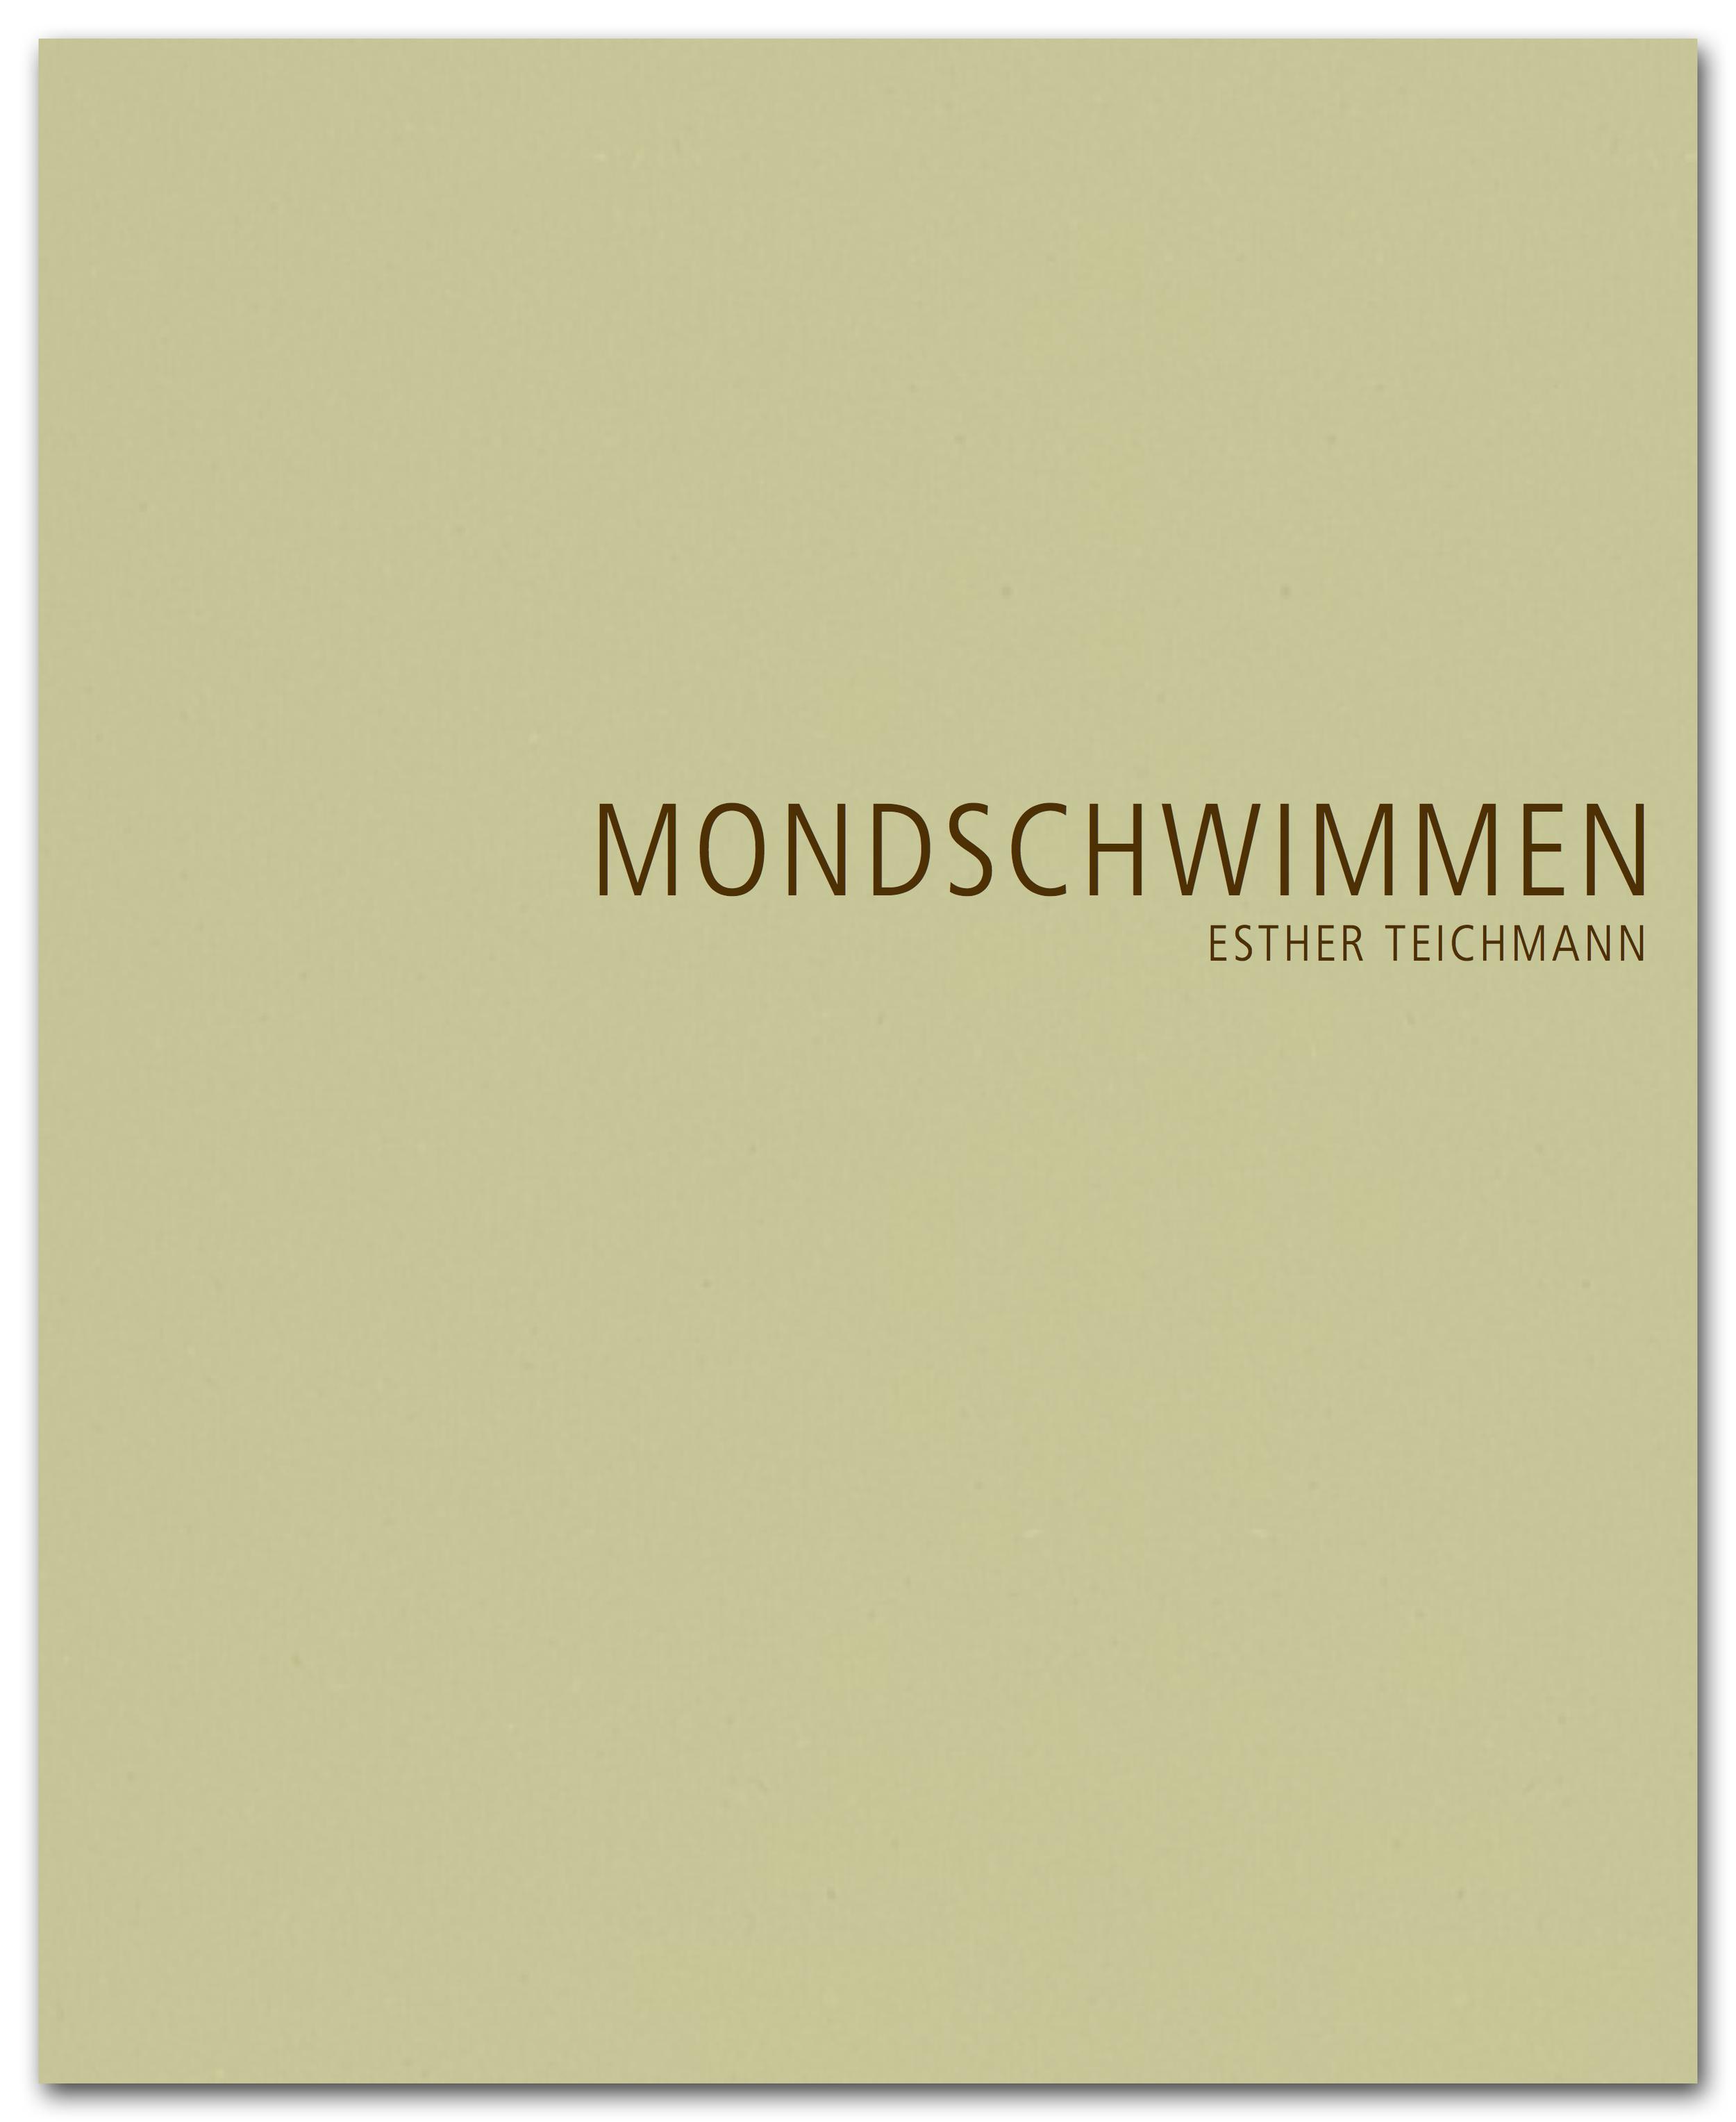 Esther Teichmann: Mondschwimmen  Künstlerbuch, deutsch / englisch, 2015 35,00 €